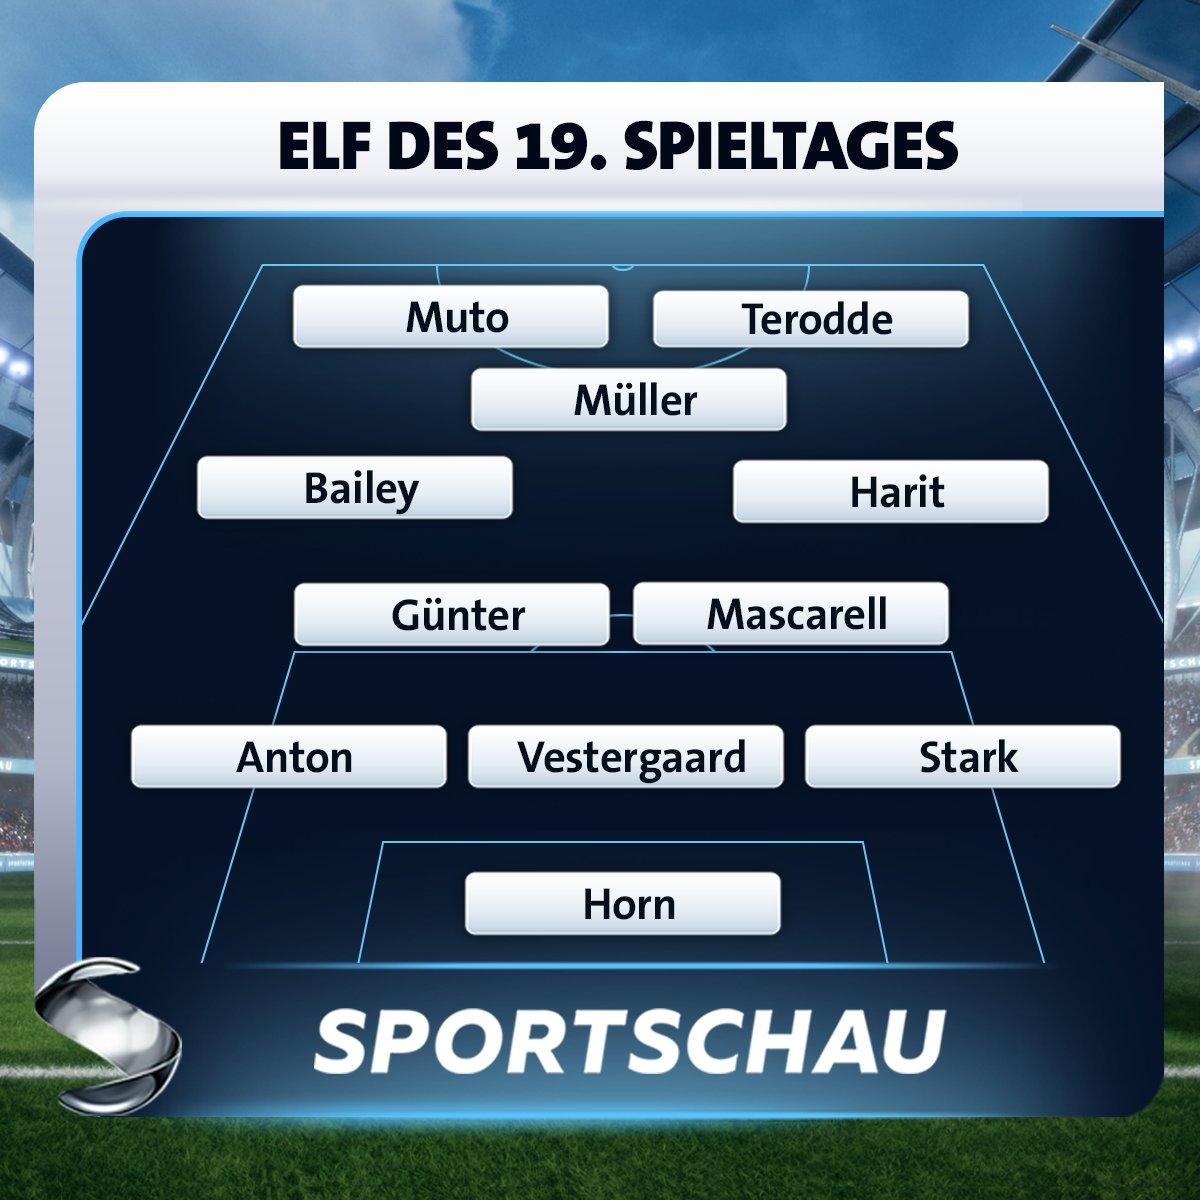 RT @BayernMunichArb: - توماس مولر في تشكيلة الأسبوع من البوندسليغا. #بايرن [Sportschau] https://t.co/9jdhSBrcs7